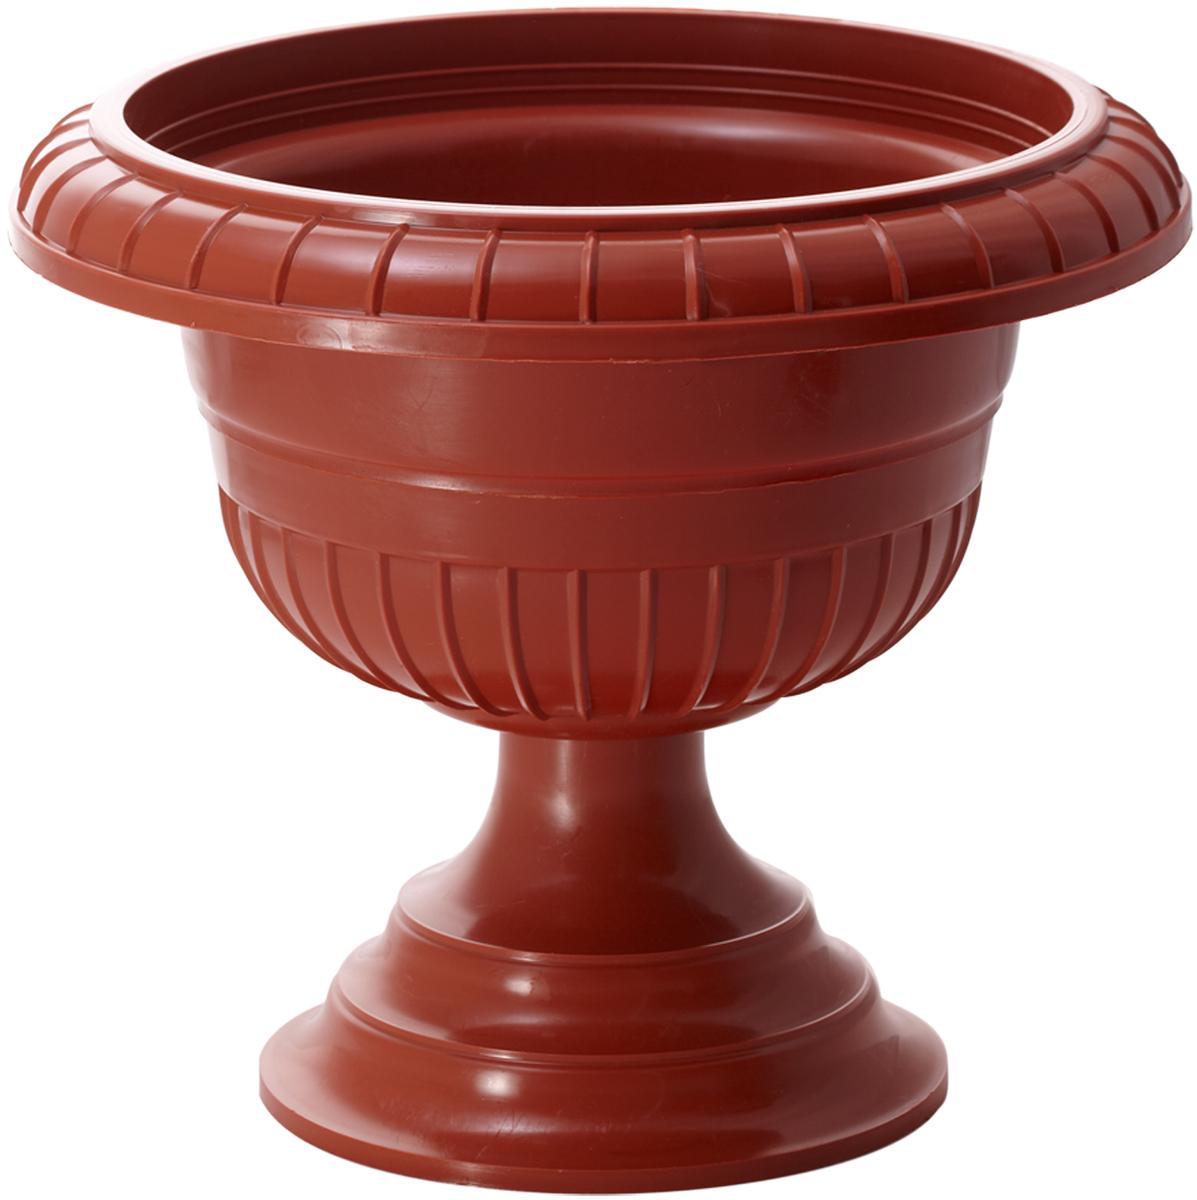 Вазон InGreen, цвет: терракотовый, высота 24,5 см вазон idea ливия цвет белая глина высота 33 см